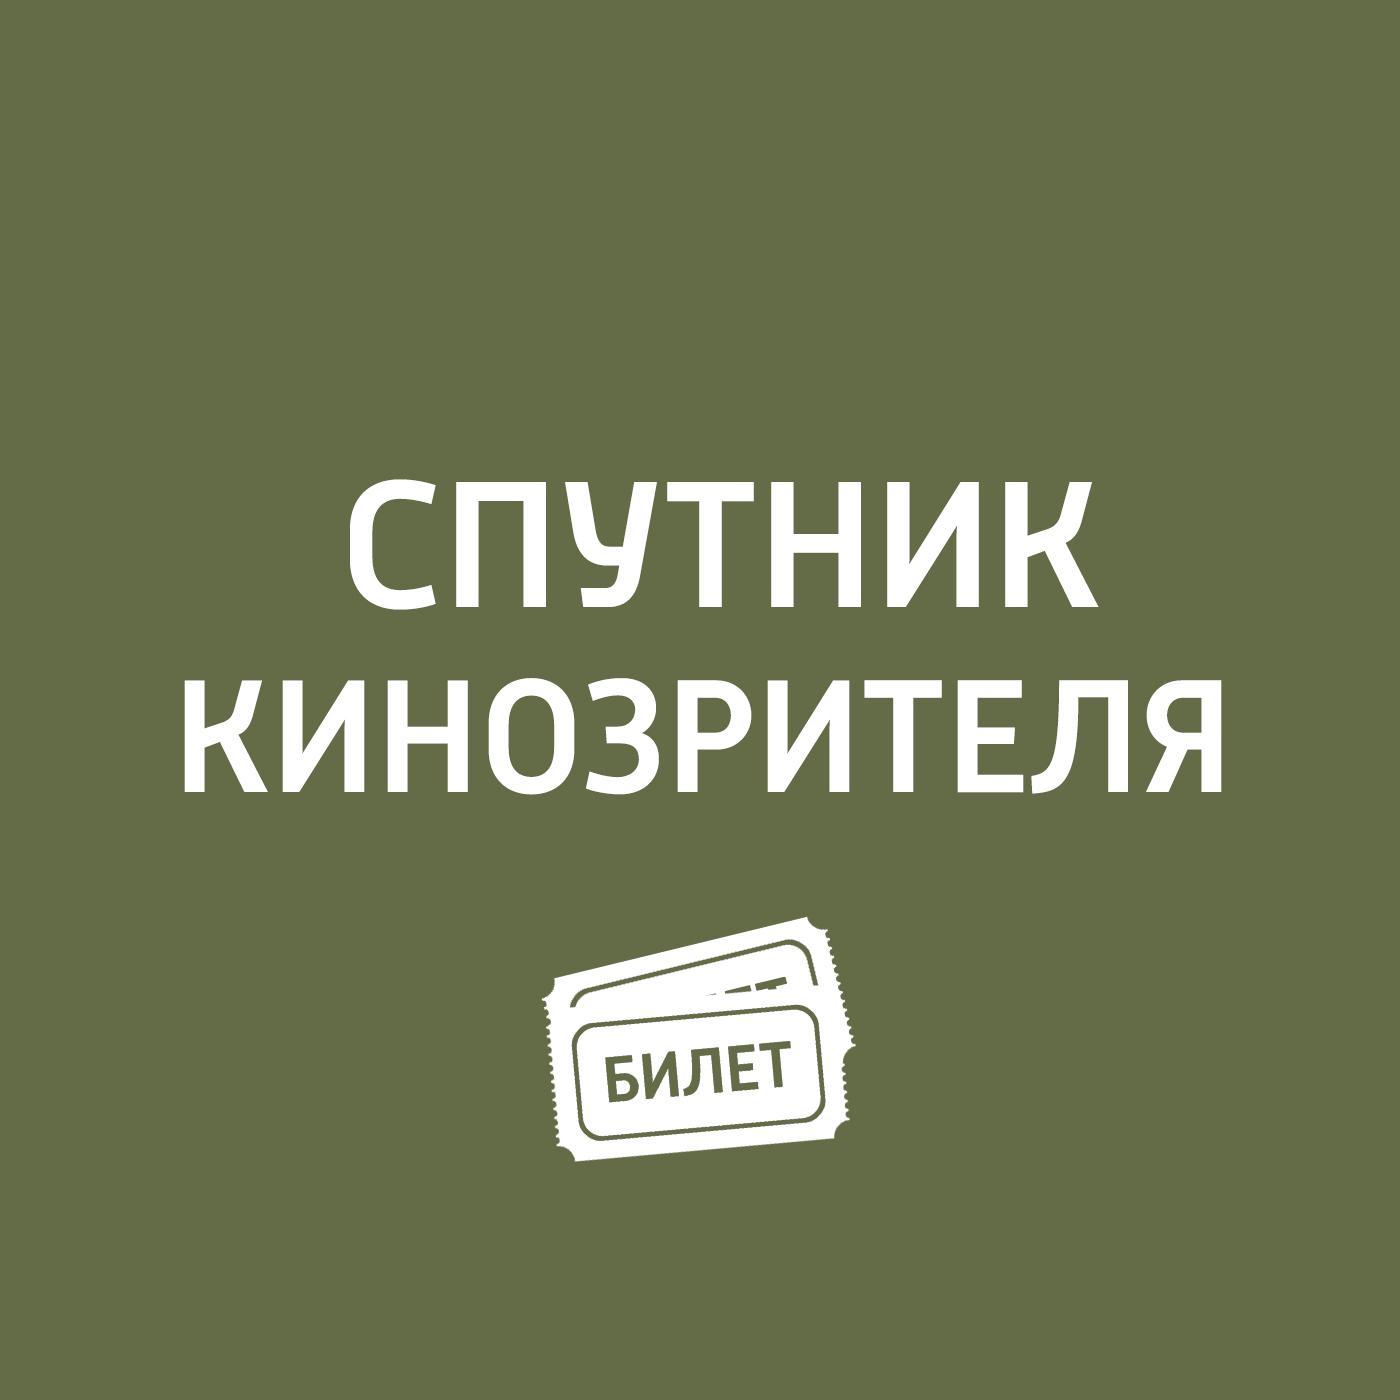 Антон Долин Восхождение Юпитер, «Игра в имитацию, «Игрушка, «Убить пересмешника